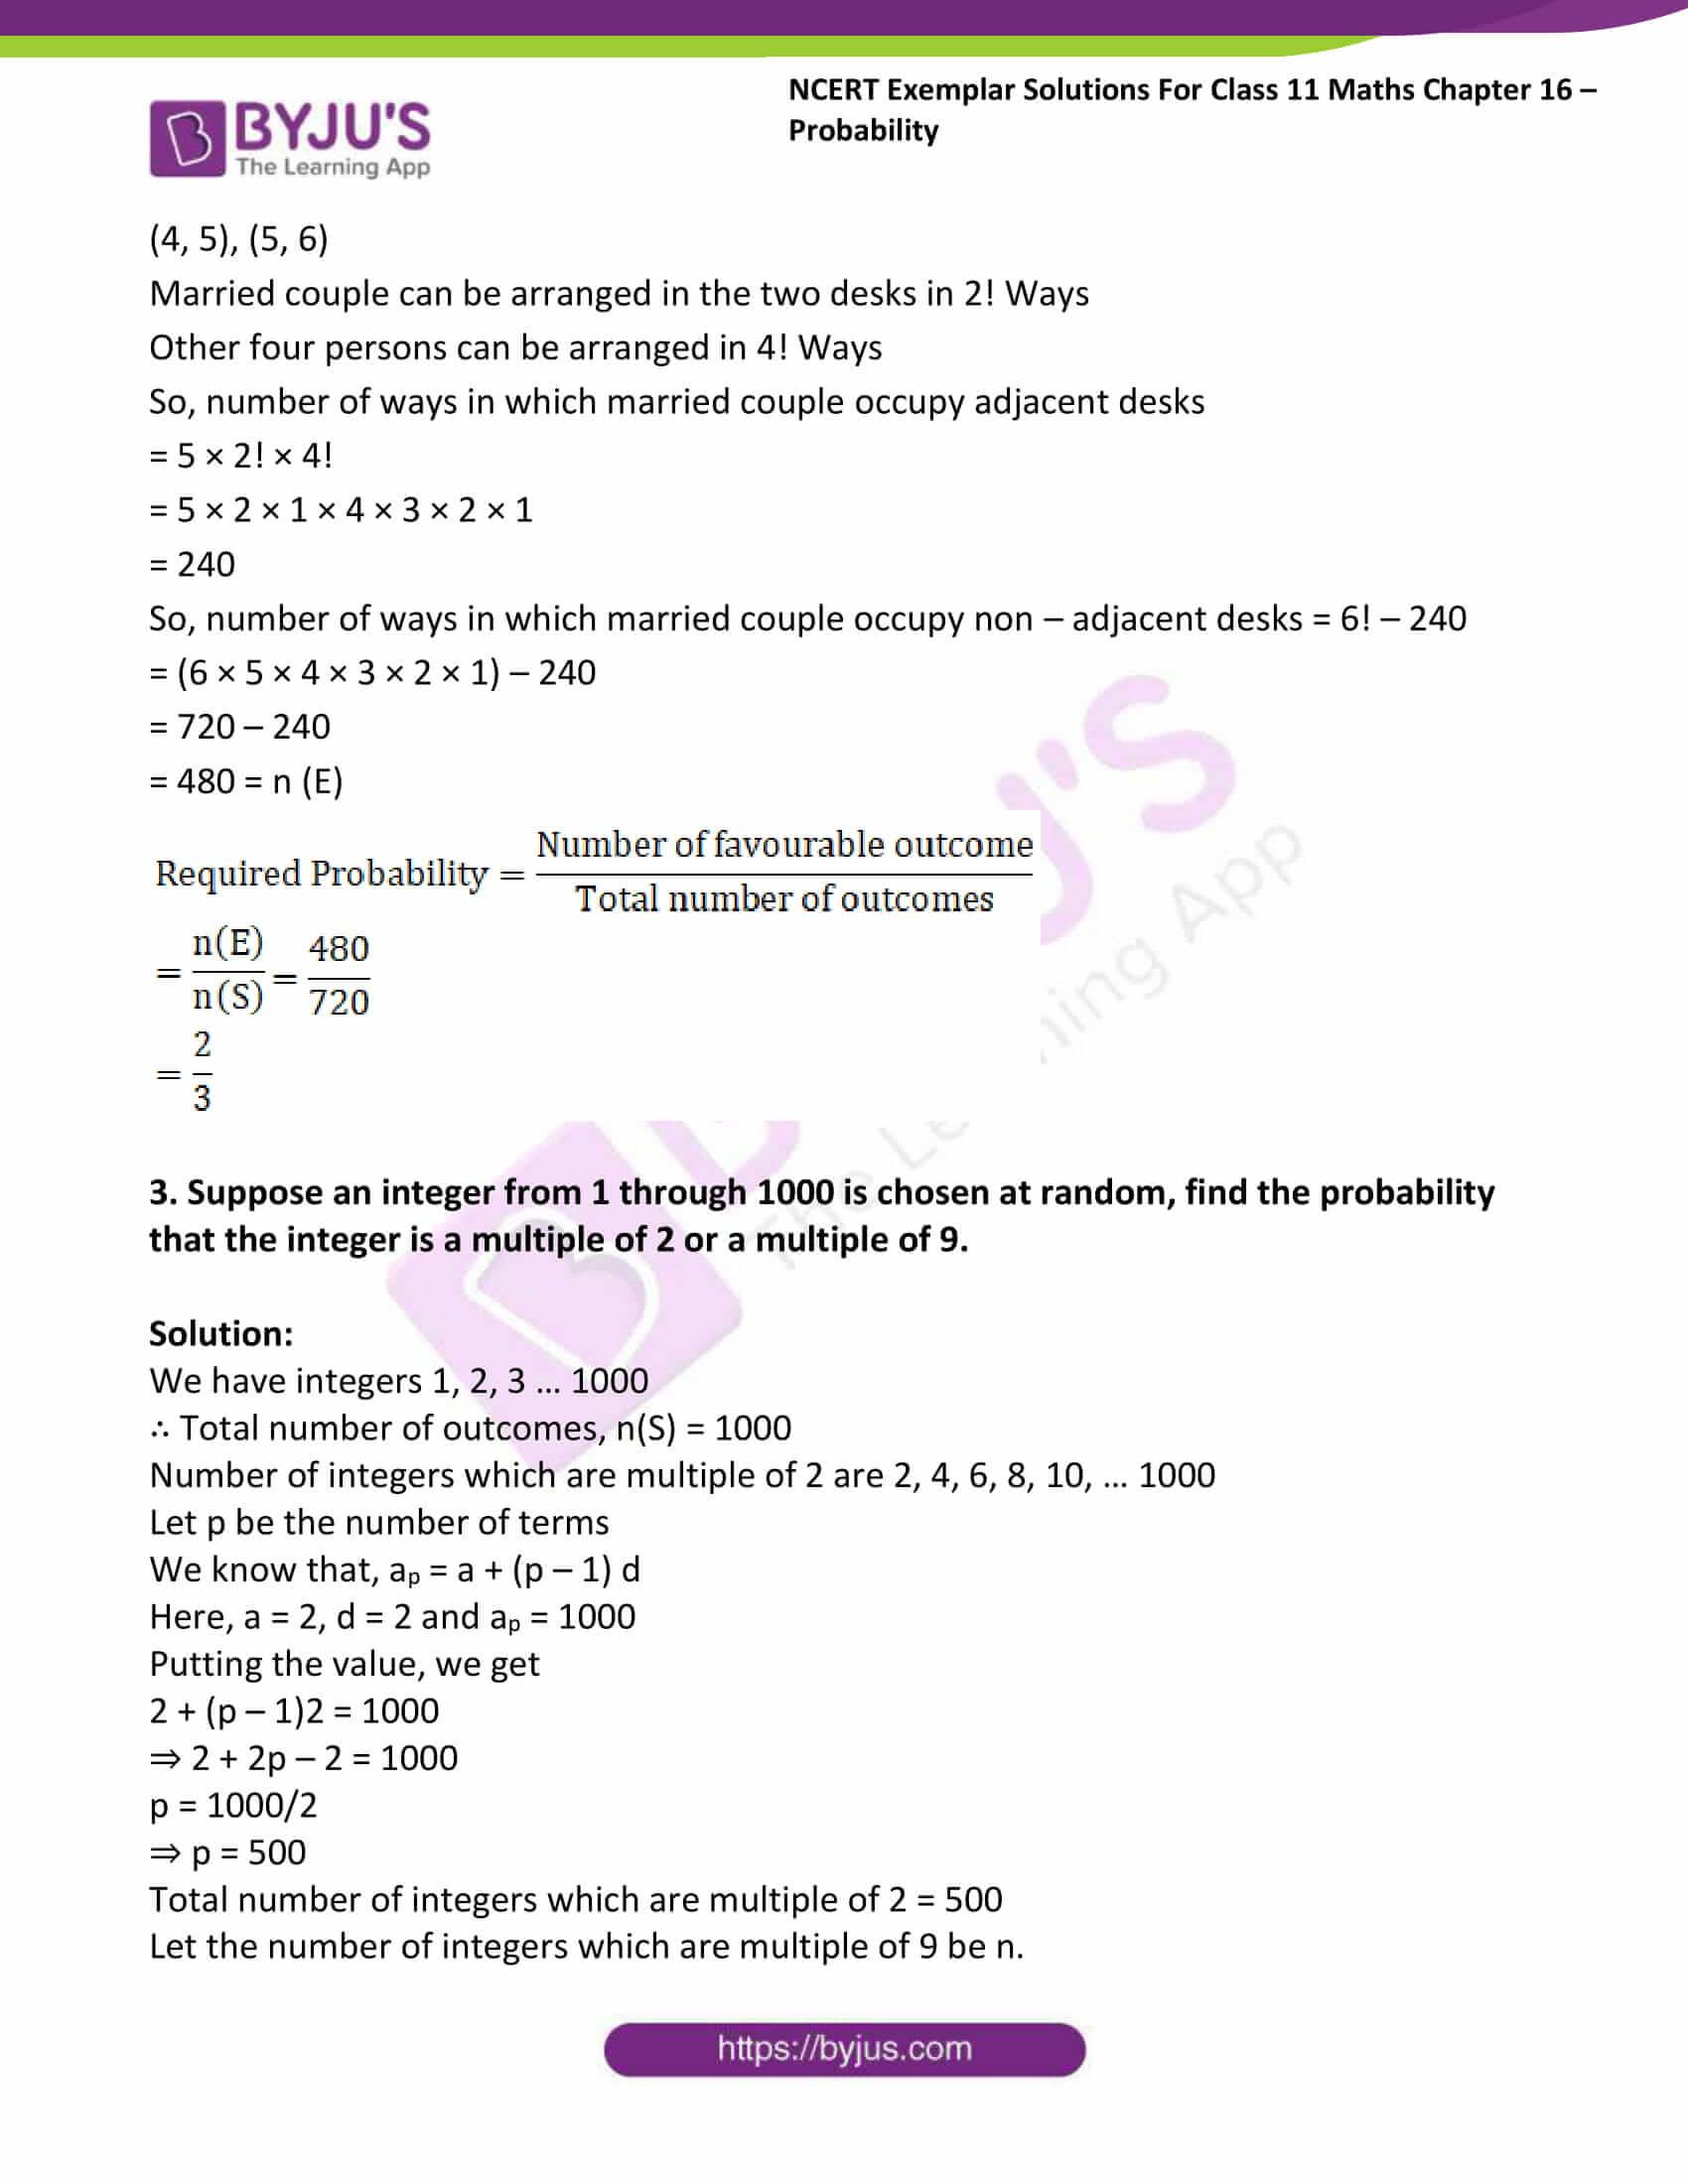 ncert exemplar sol class 11 maths chpt 16 probability 02